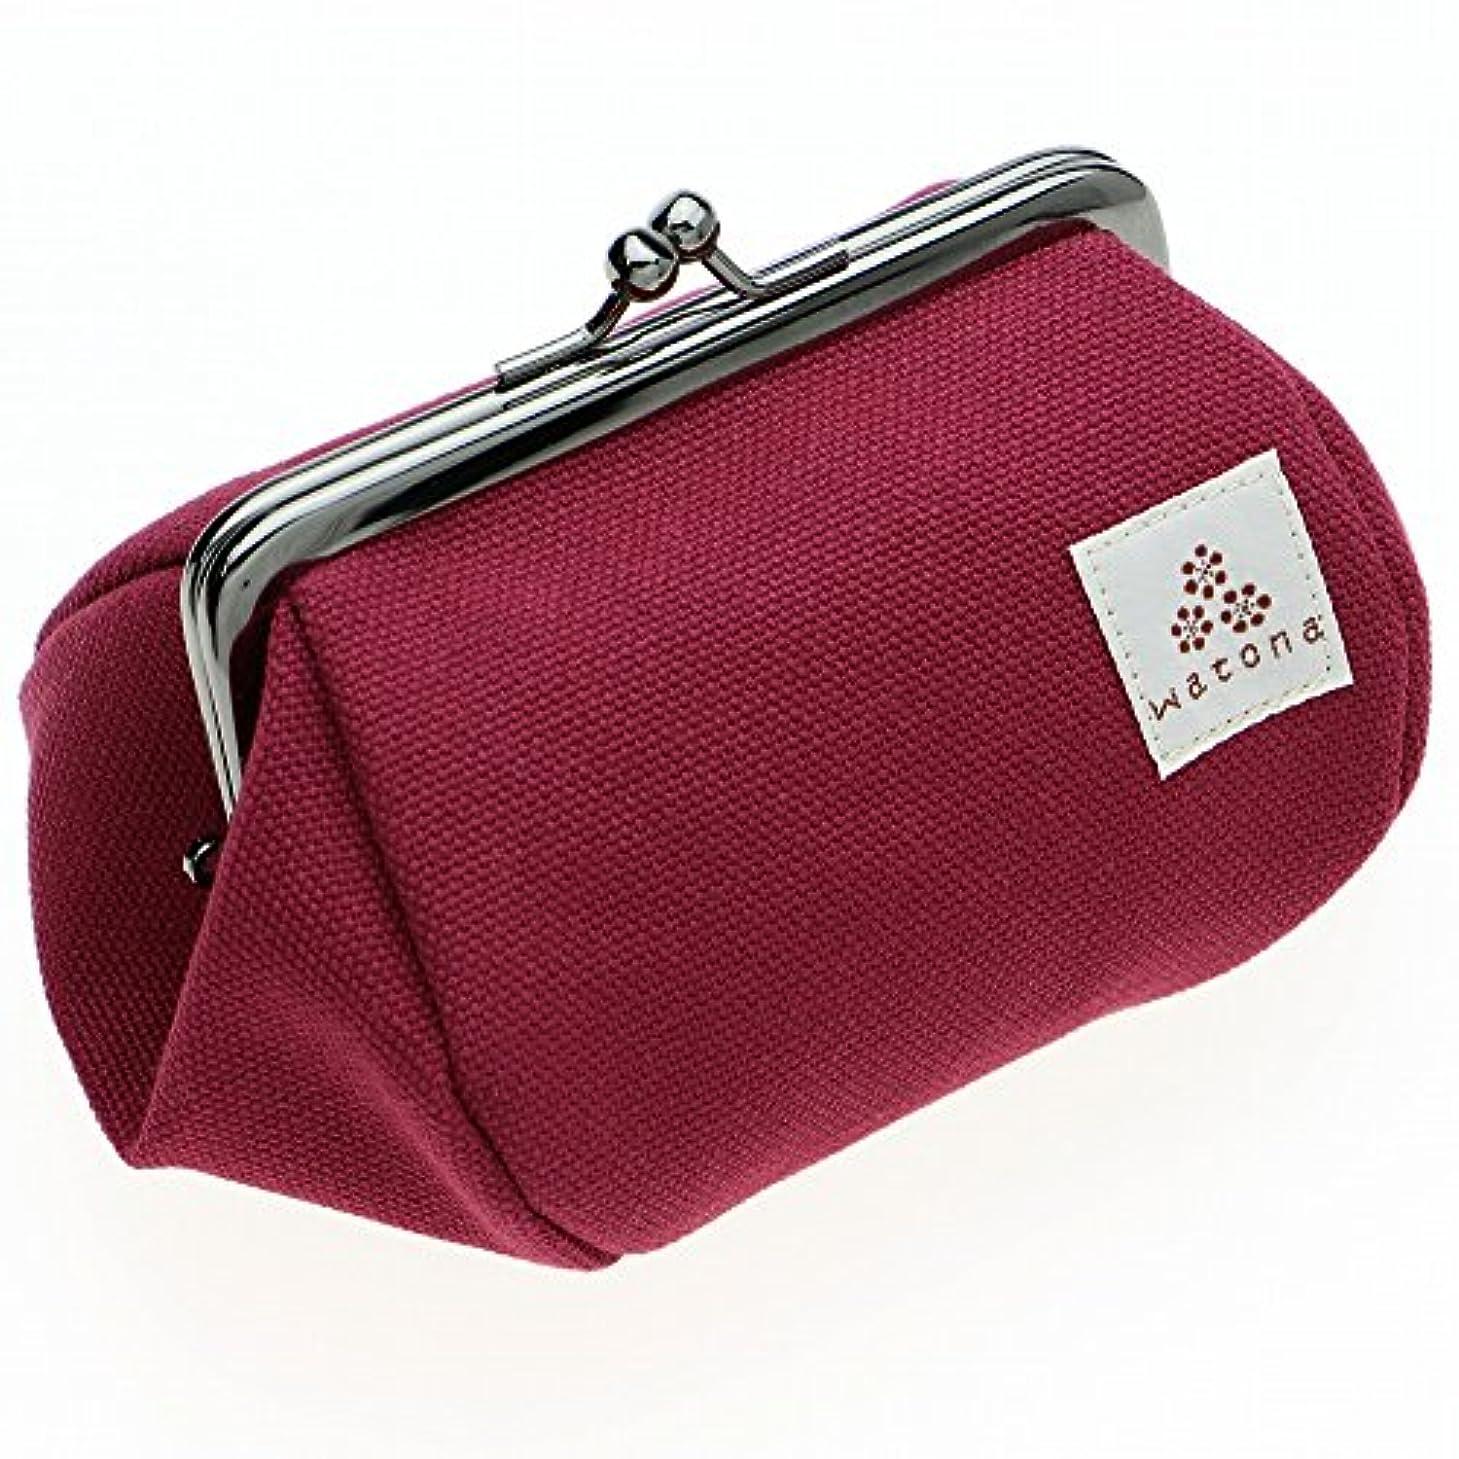 恵みどれ簡略化するwatona 帆布がま口 化粧ポーチ 3.5寸Sサイズ